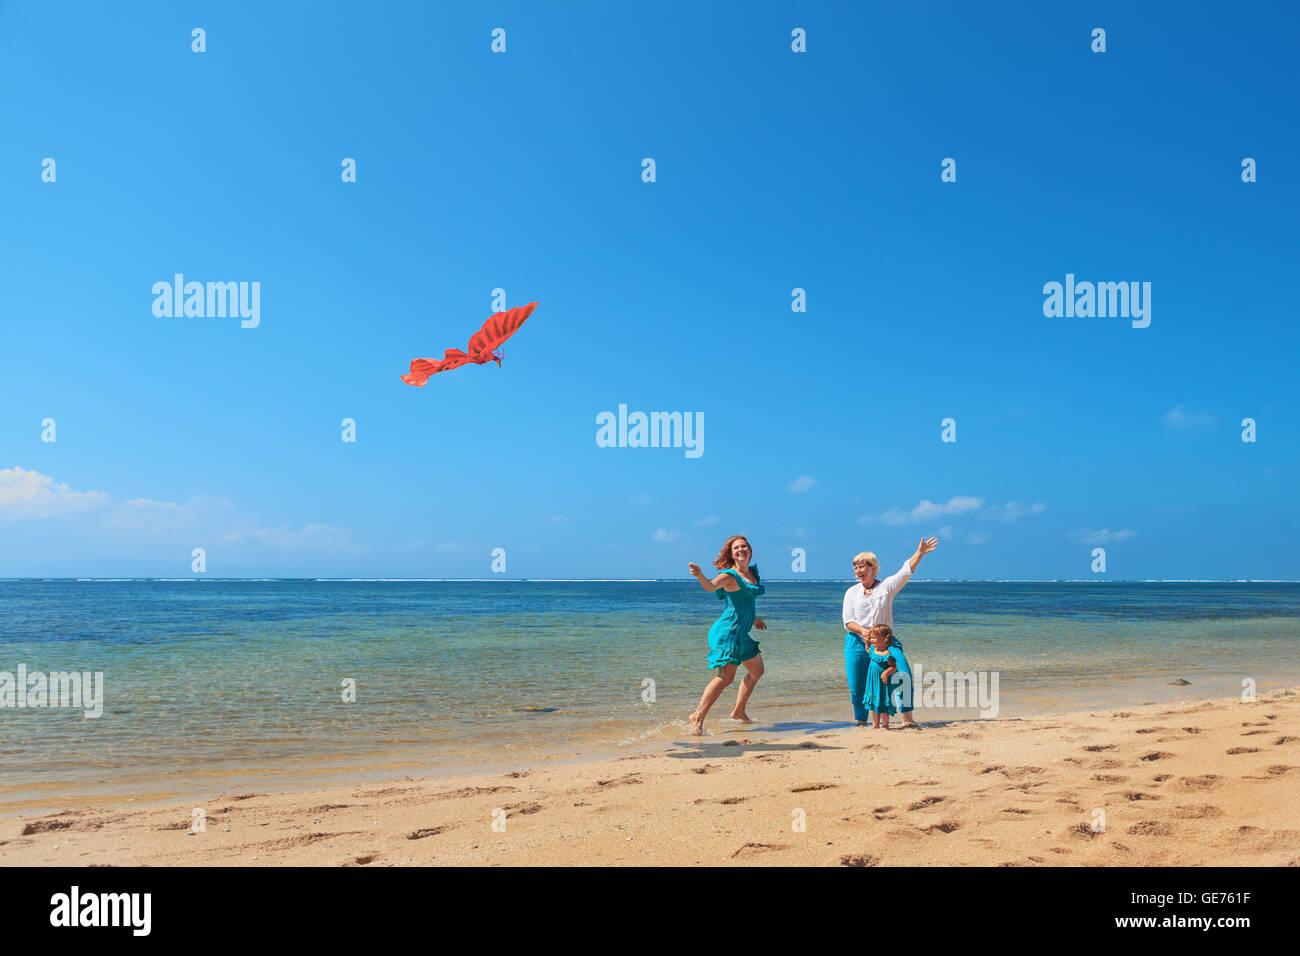 Familia feliz en la playa - abuela, madre, baby girl divertirse, la mujer corre a lo largo de mar surf con salpicaduras Imagen De Stock